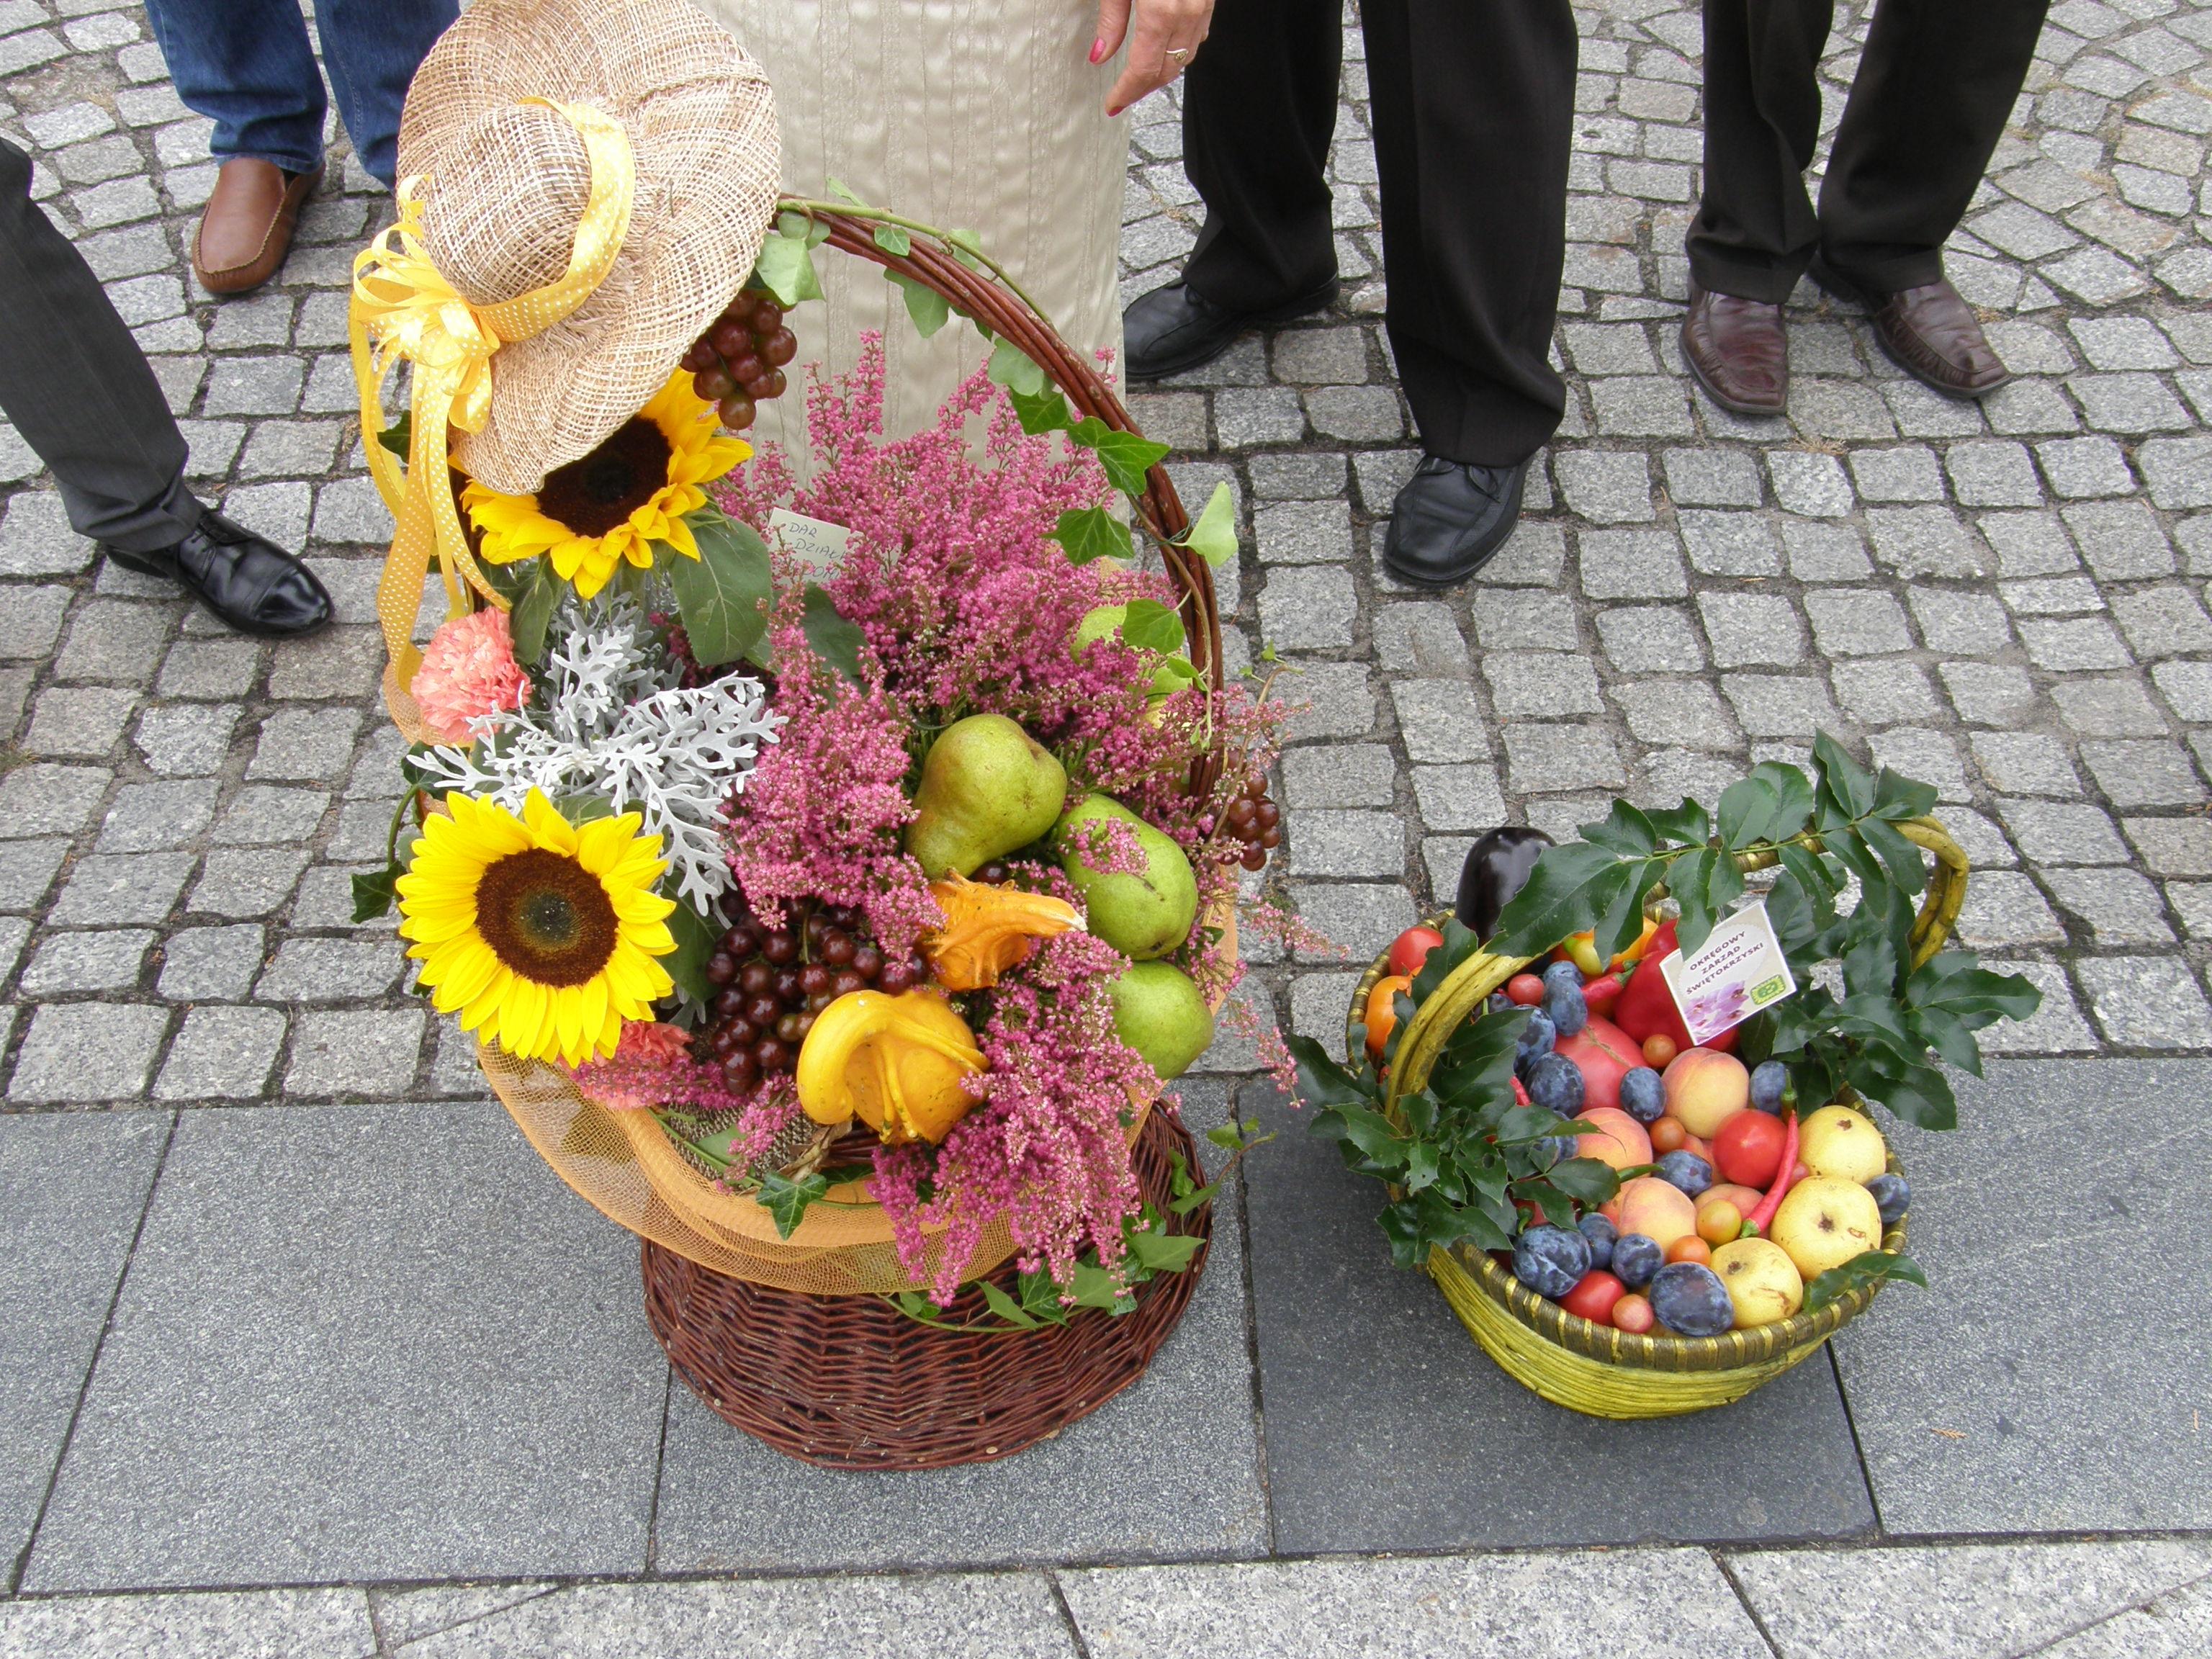 Znalezione obrazy dla zapytania plony dożynkowe owoce i warzywa